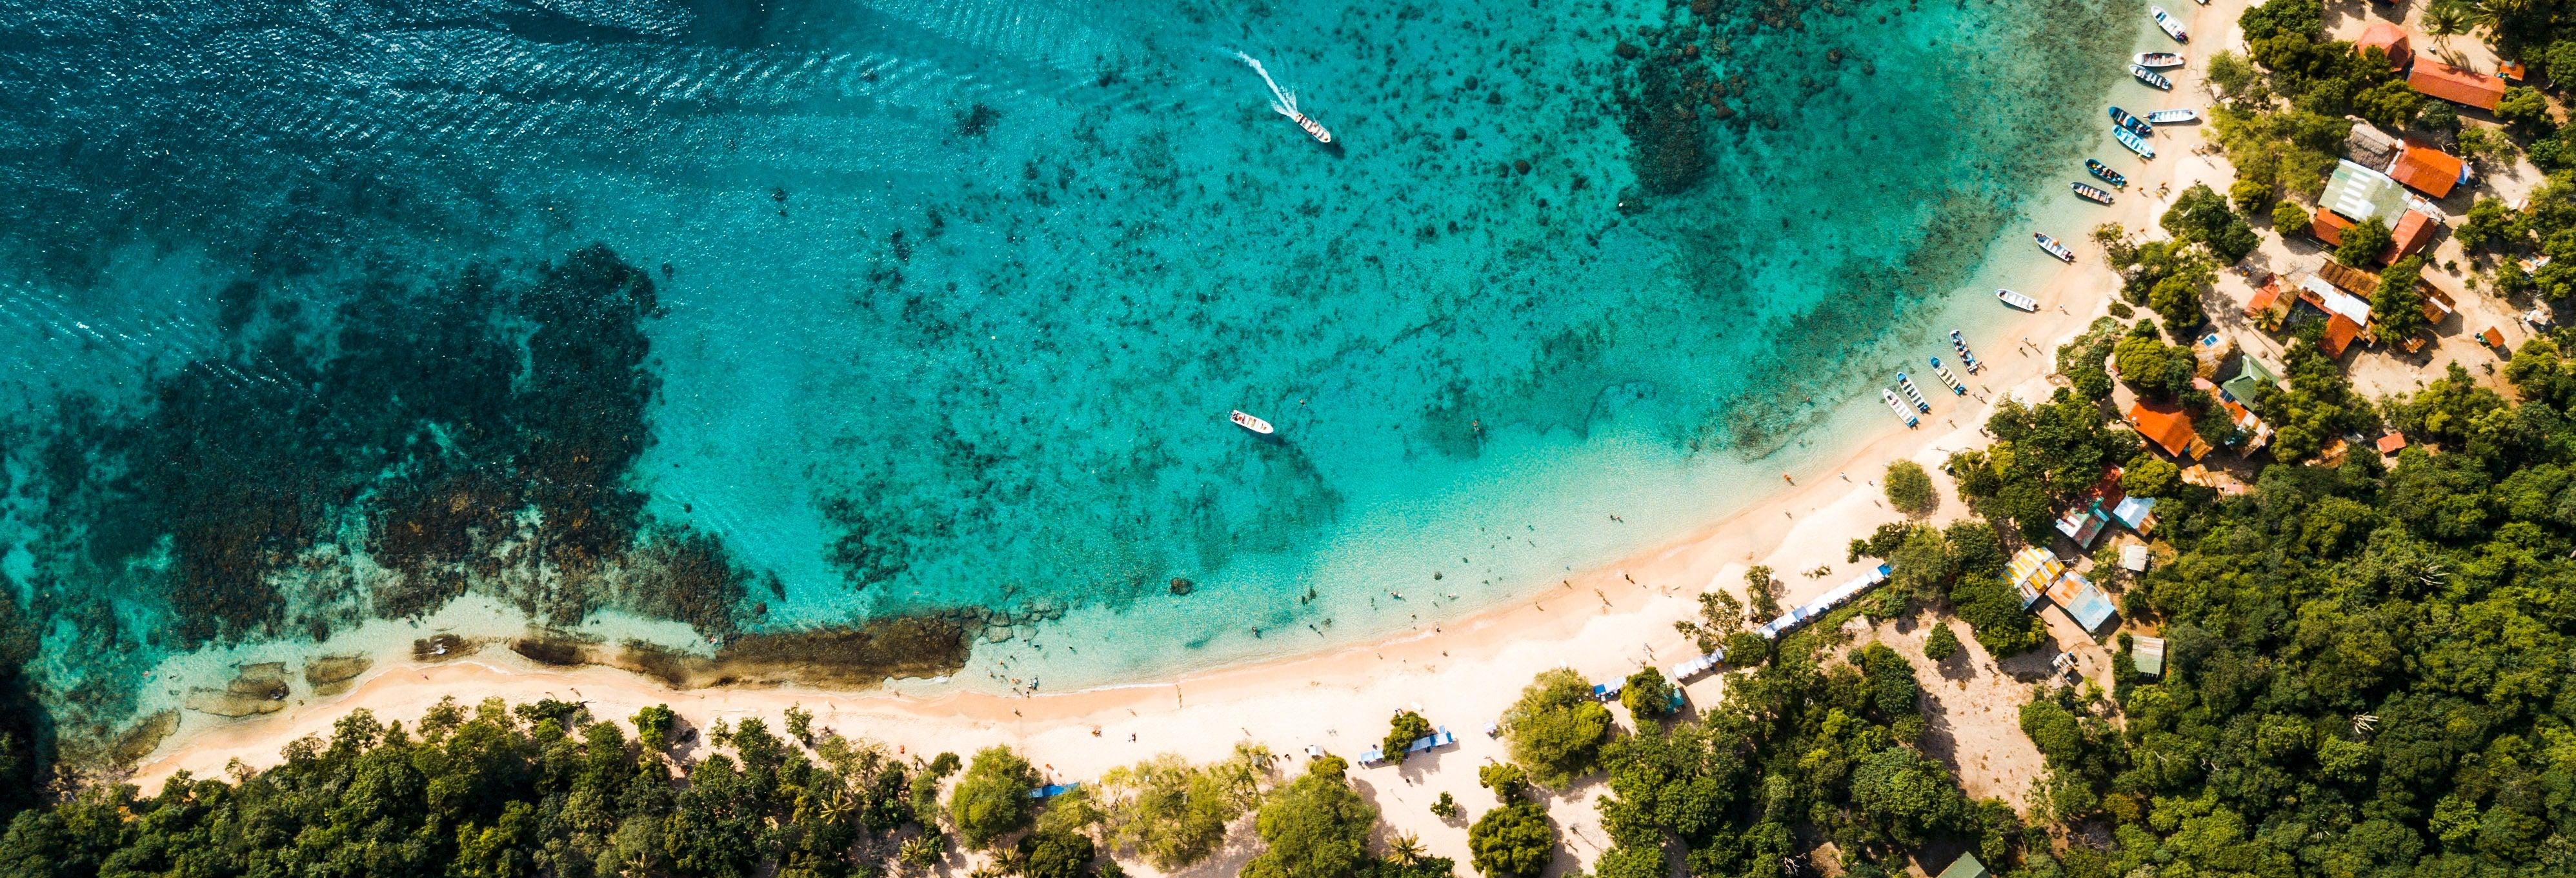 Excursión a Playa Cristal